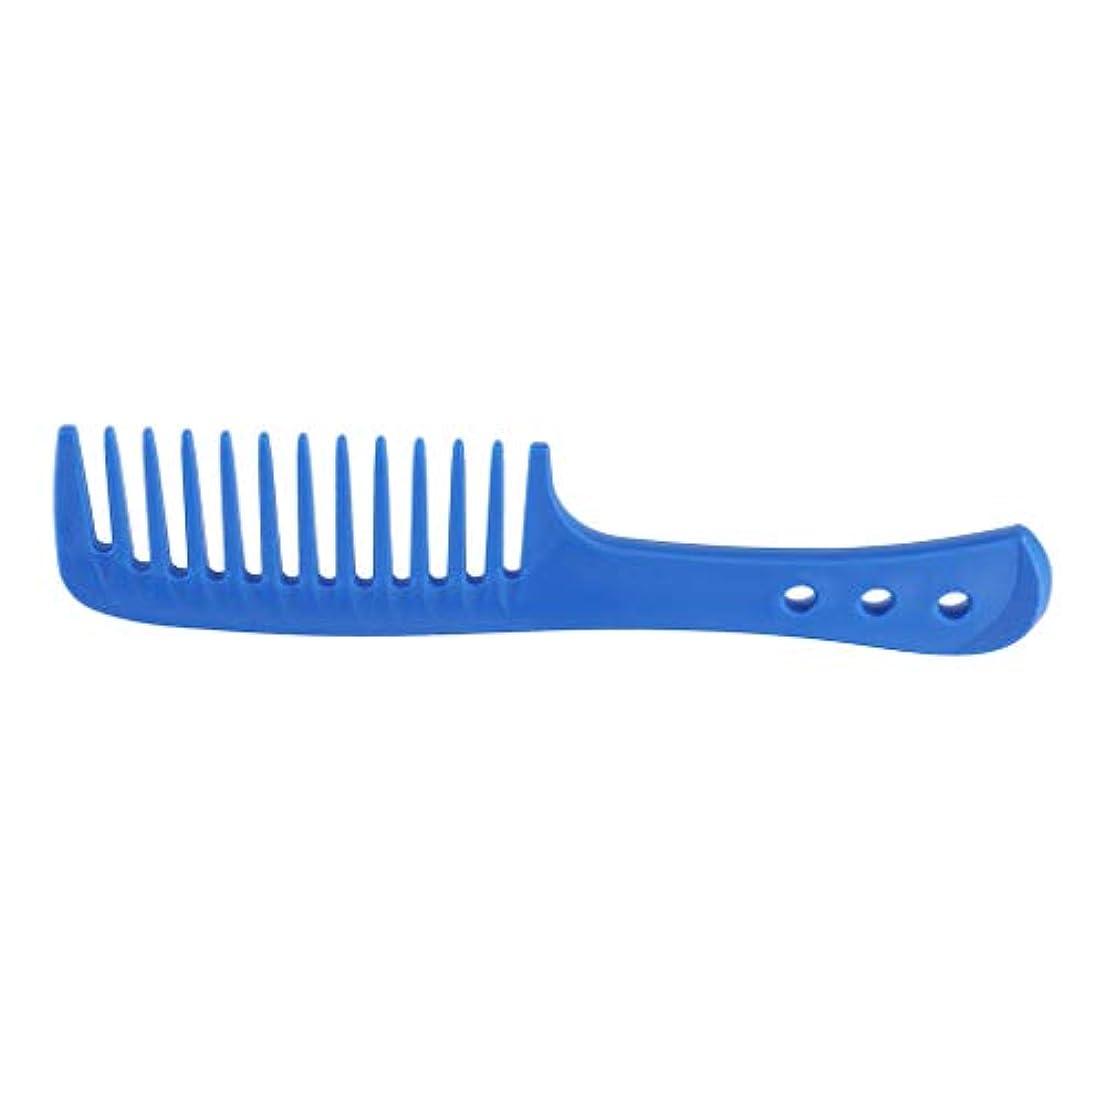 適応するサスペンドソロToygogo ヘアコーム ヘアブラシ 櫛 ヘアカット スタイリング ヘアケア 4色選べ - 青